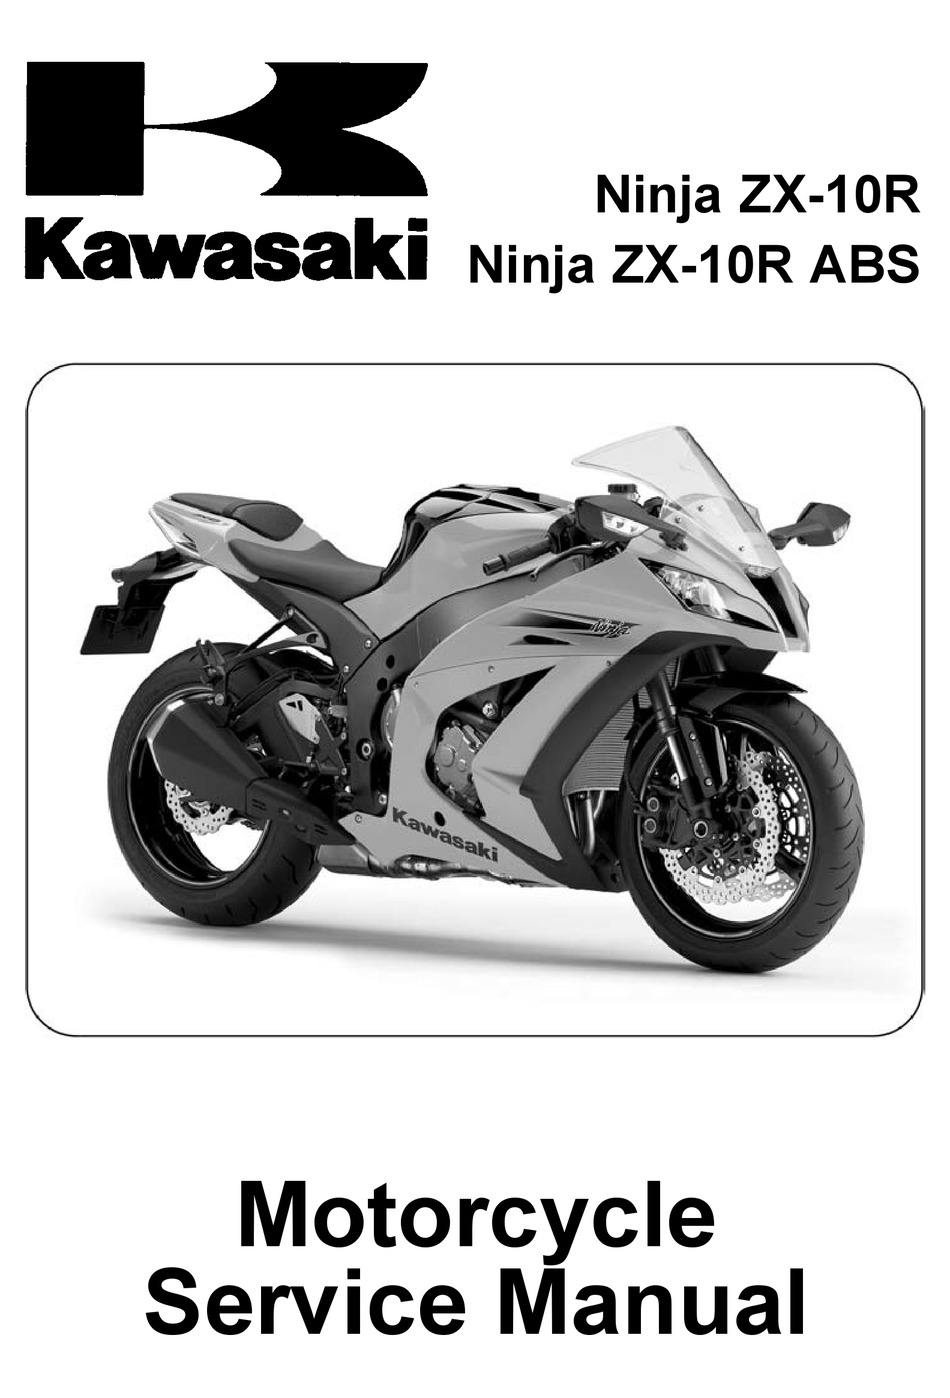 Kawasaki Ninja Zx 10r Service Manual Pdf Download Manualslib